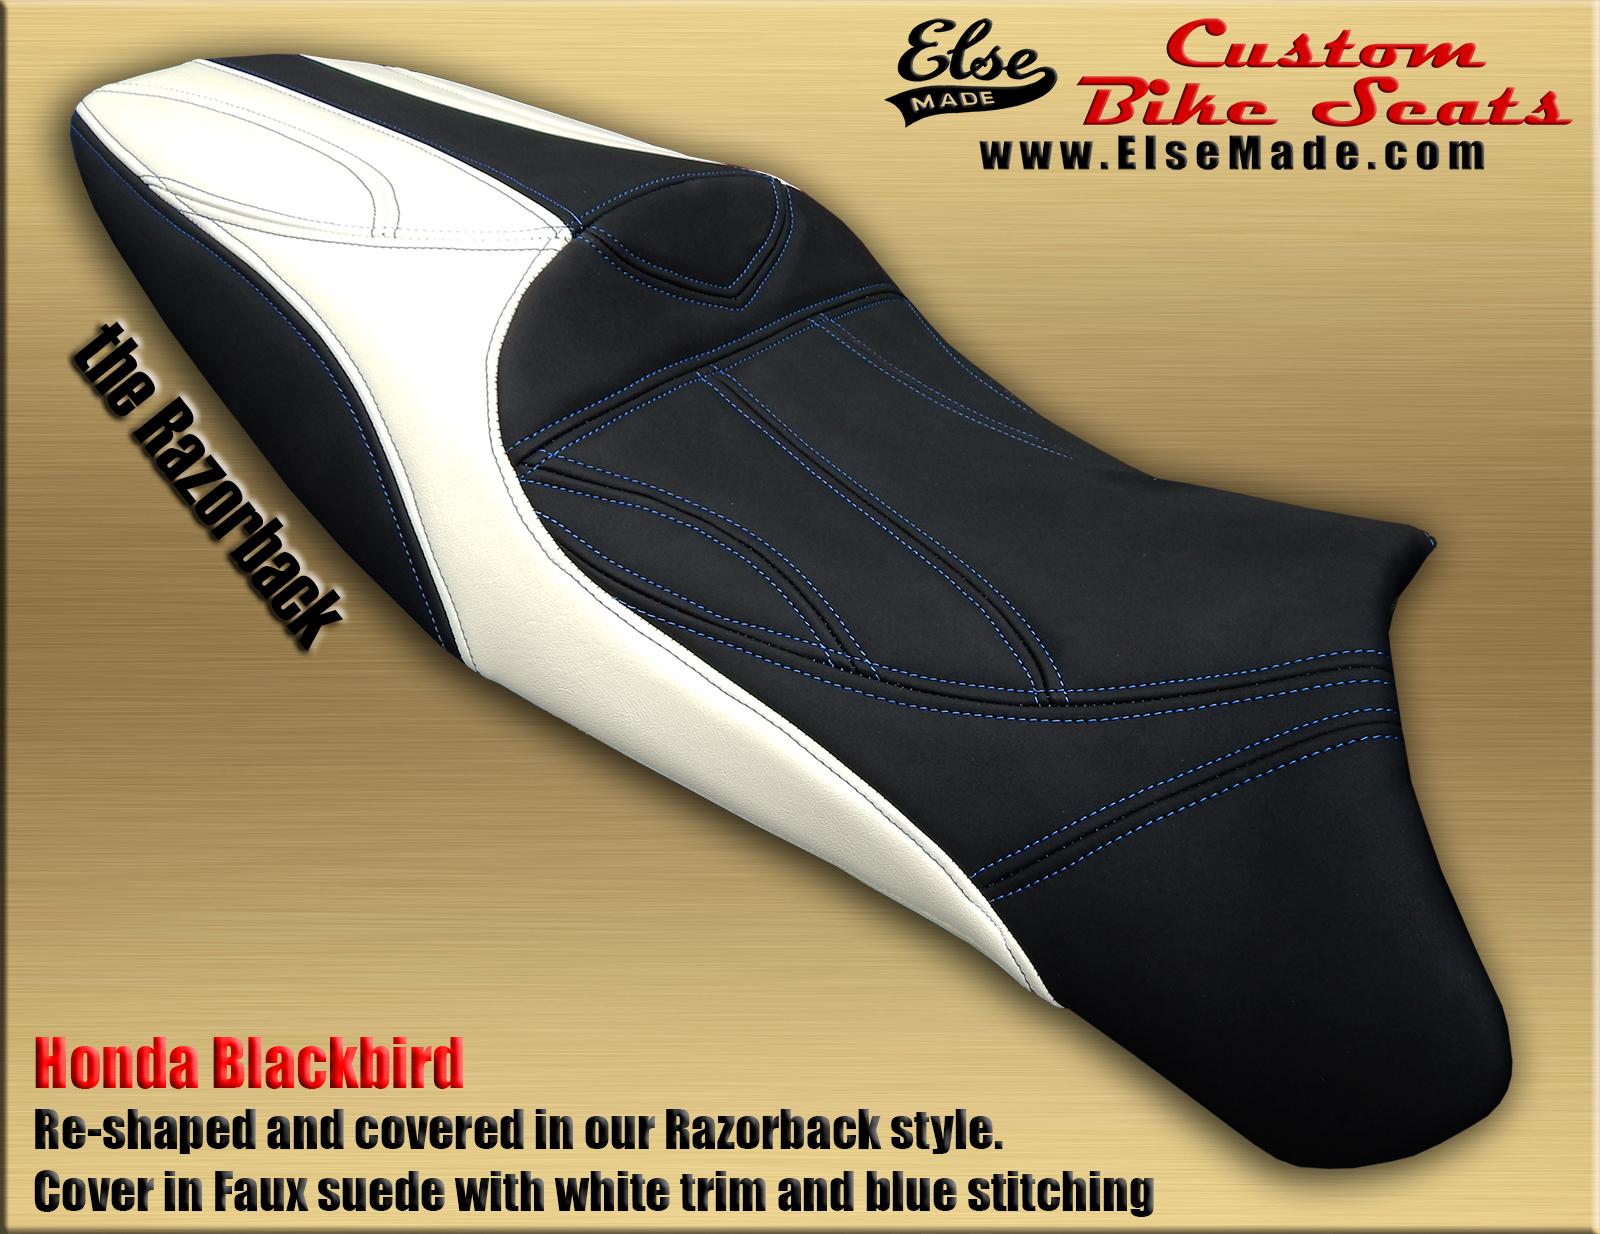 blackbird 3 full size.jpg